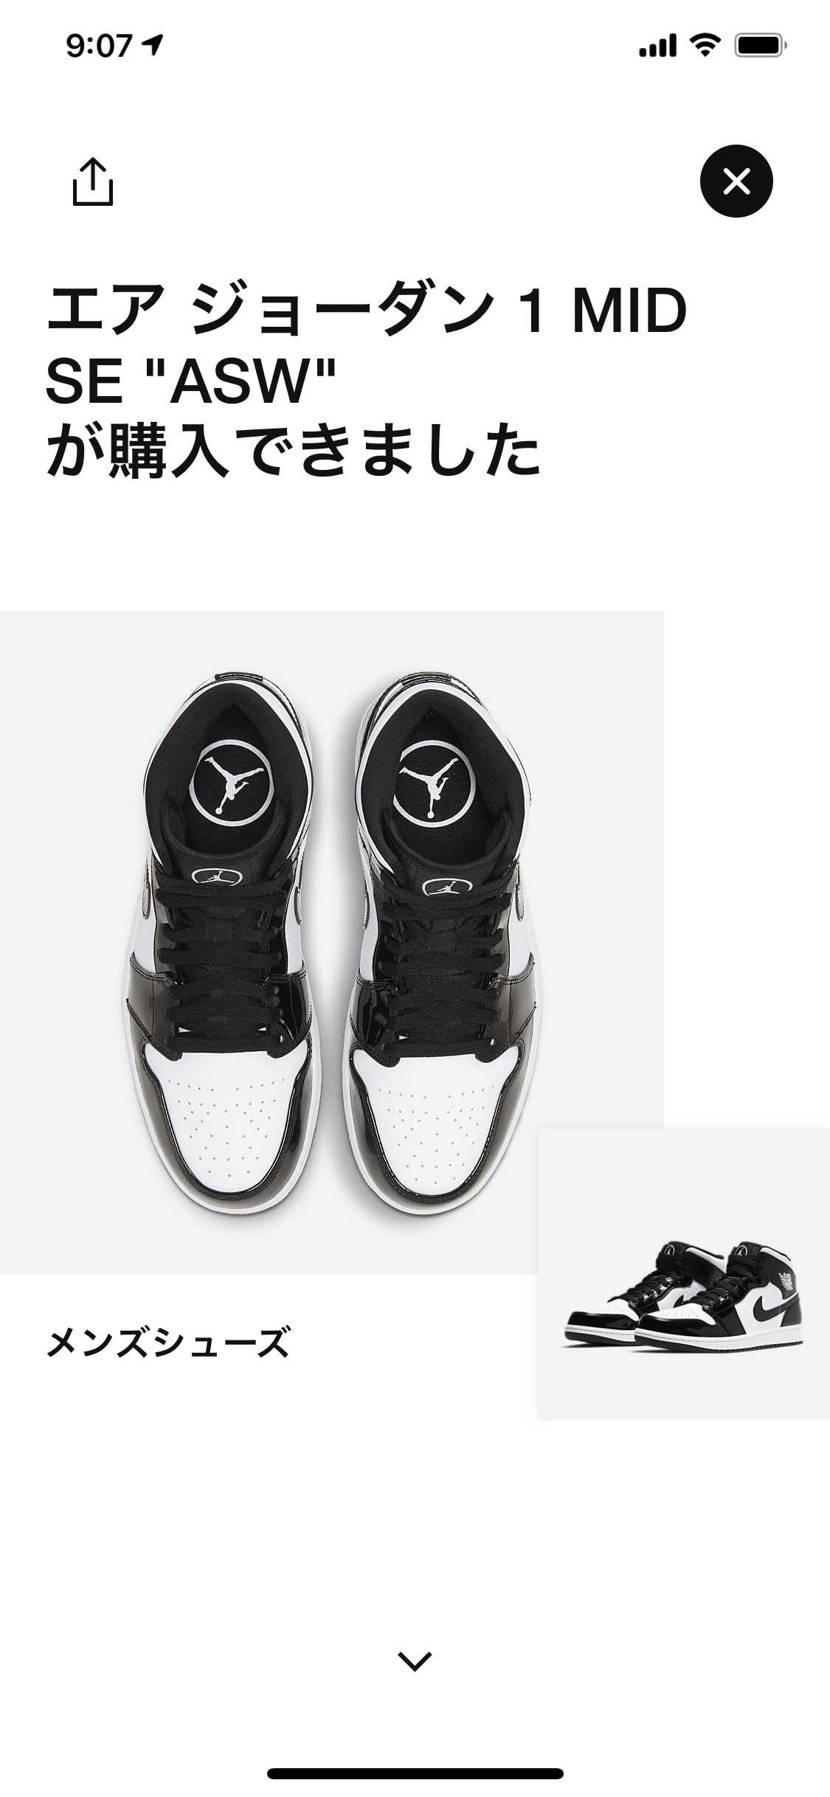 普通に買えますね✨  黒がピカピカしてるからどうかなぁ😅